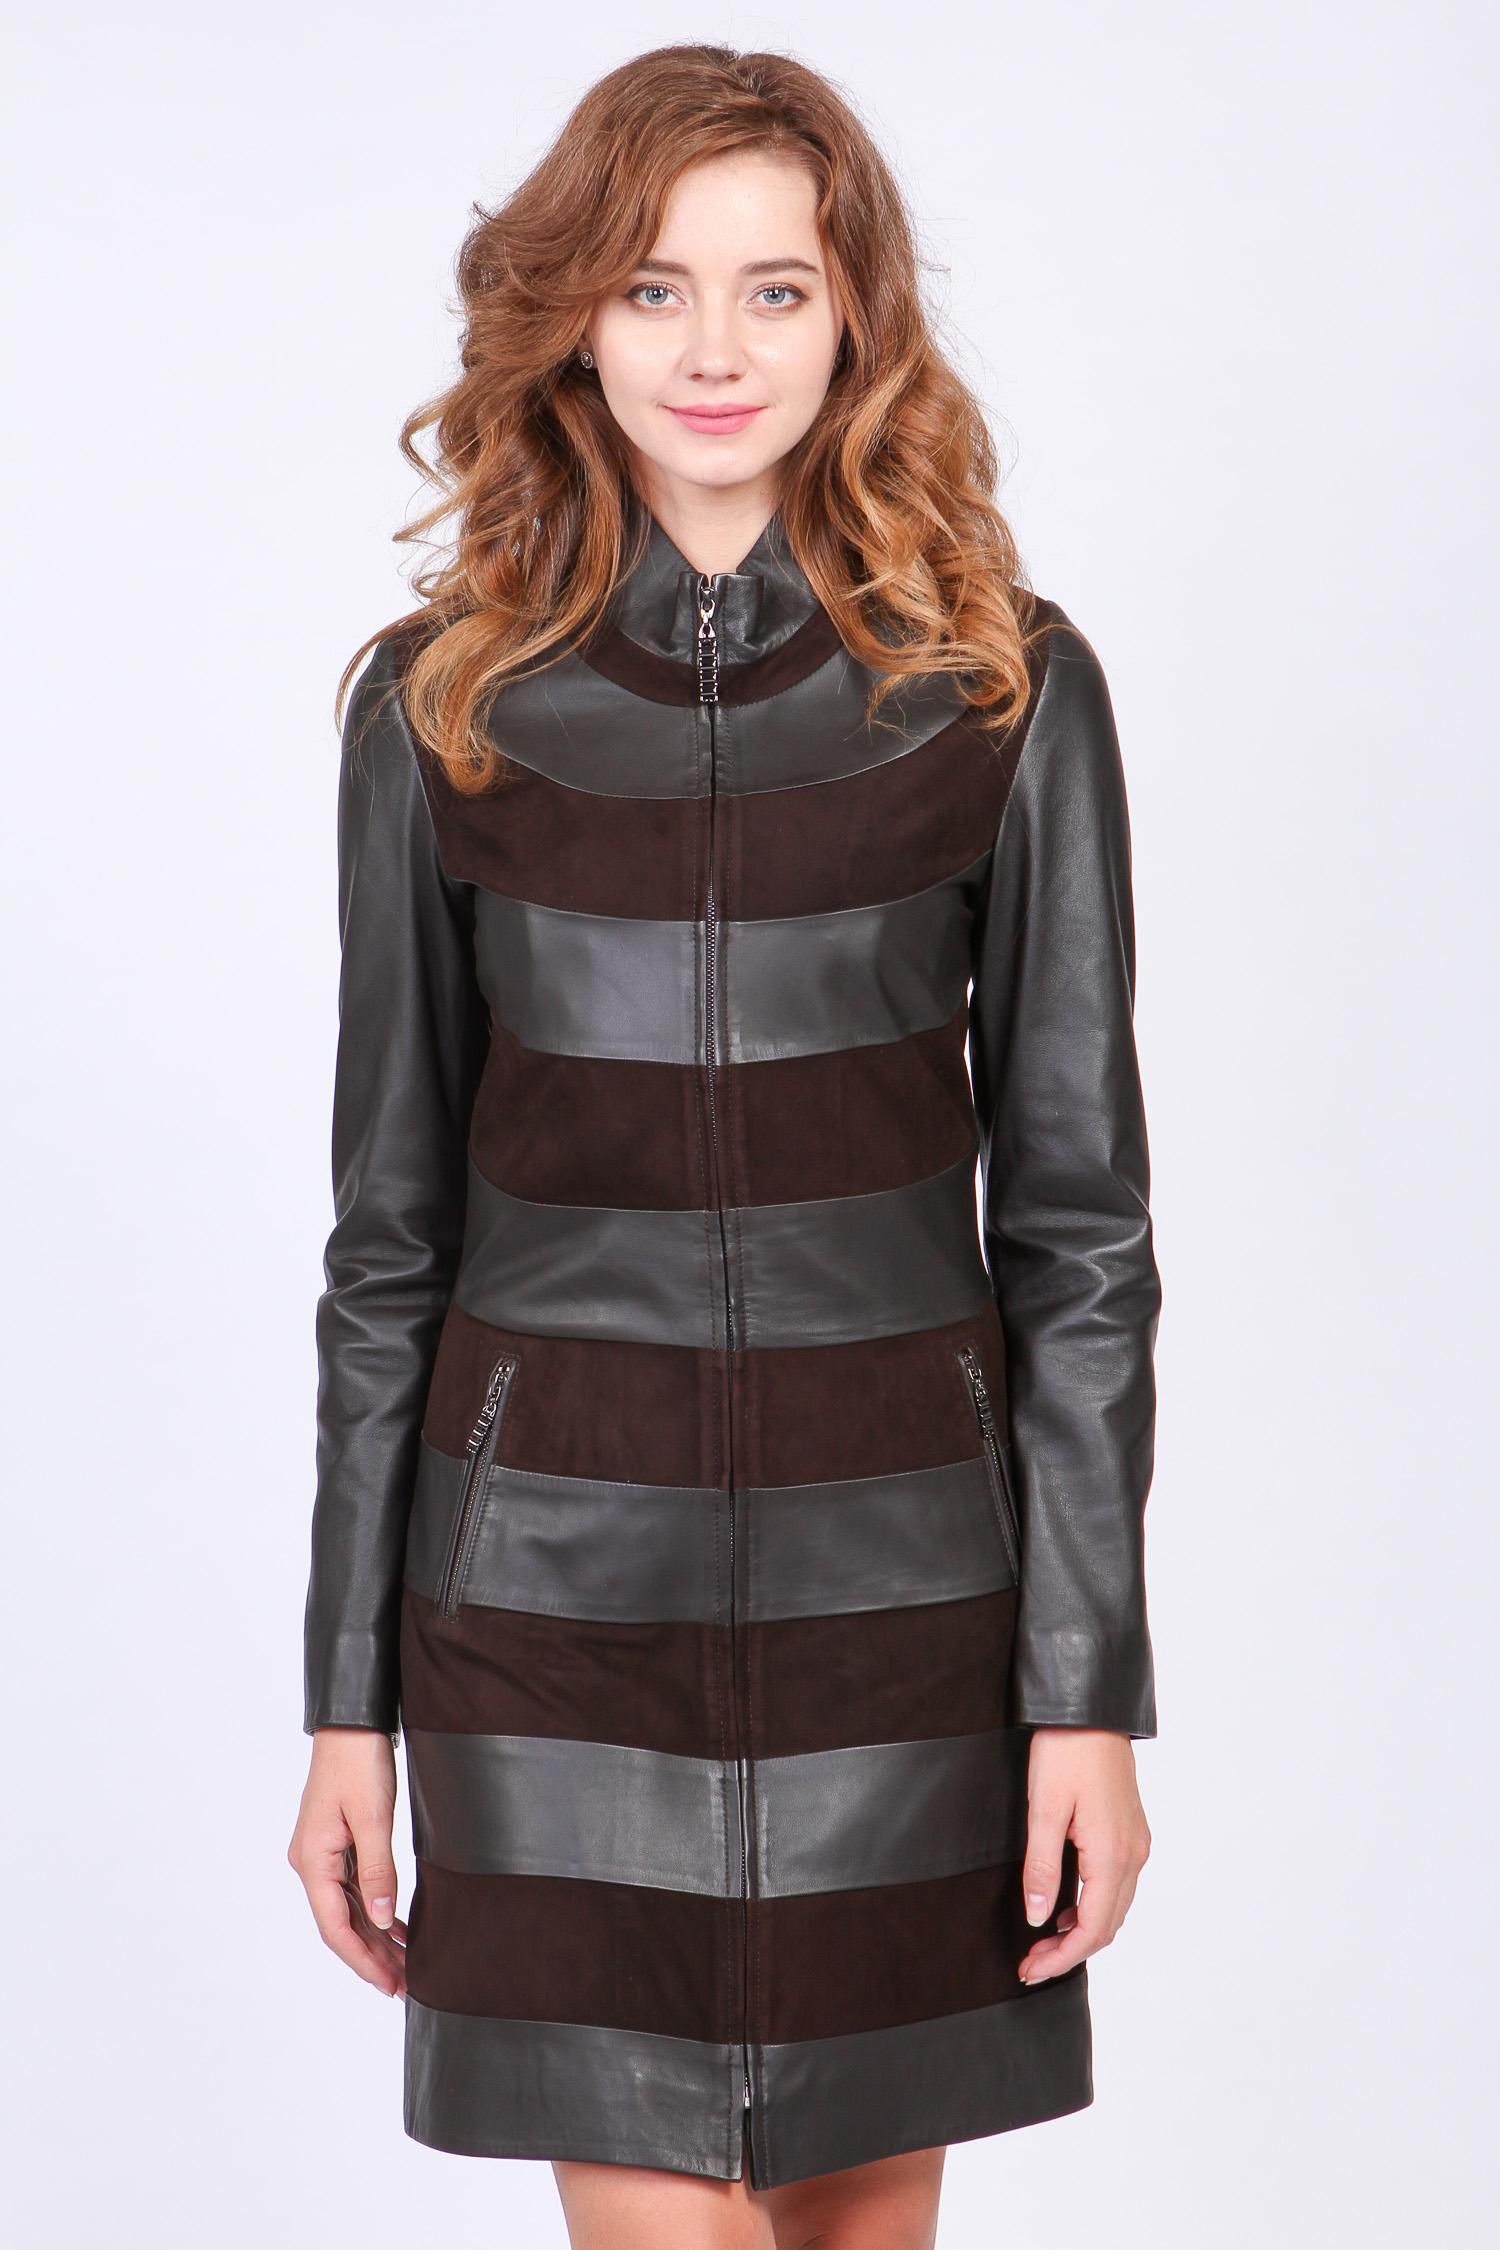 Женское кожаное пальто из натуральной кожи с воротником, без отделки